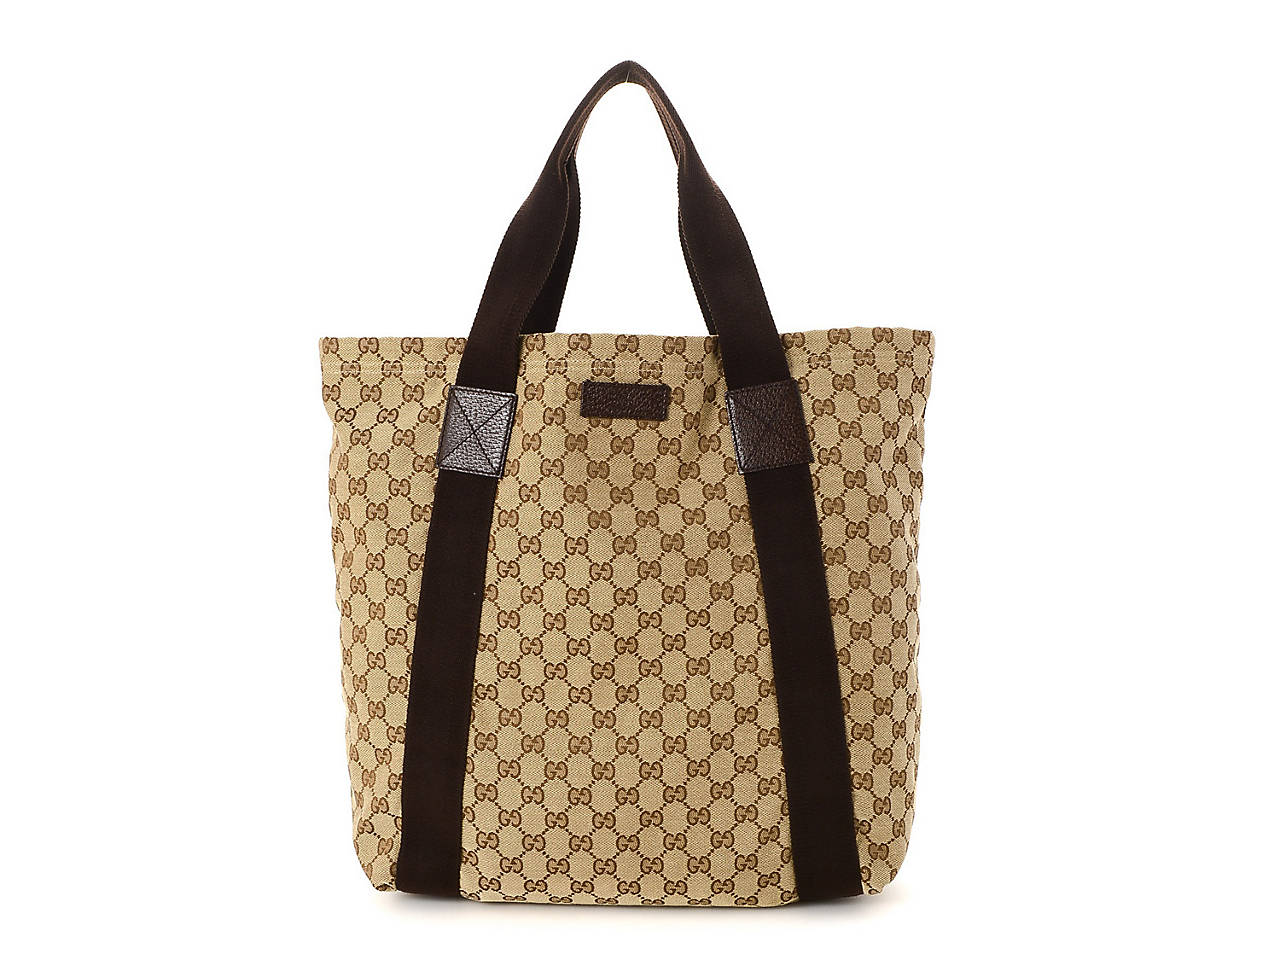 2bff0633829e Gucci - Vintage Luxury GG Canvas Tote Women's Handbags & Accessories ...